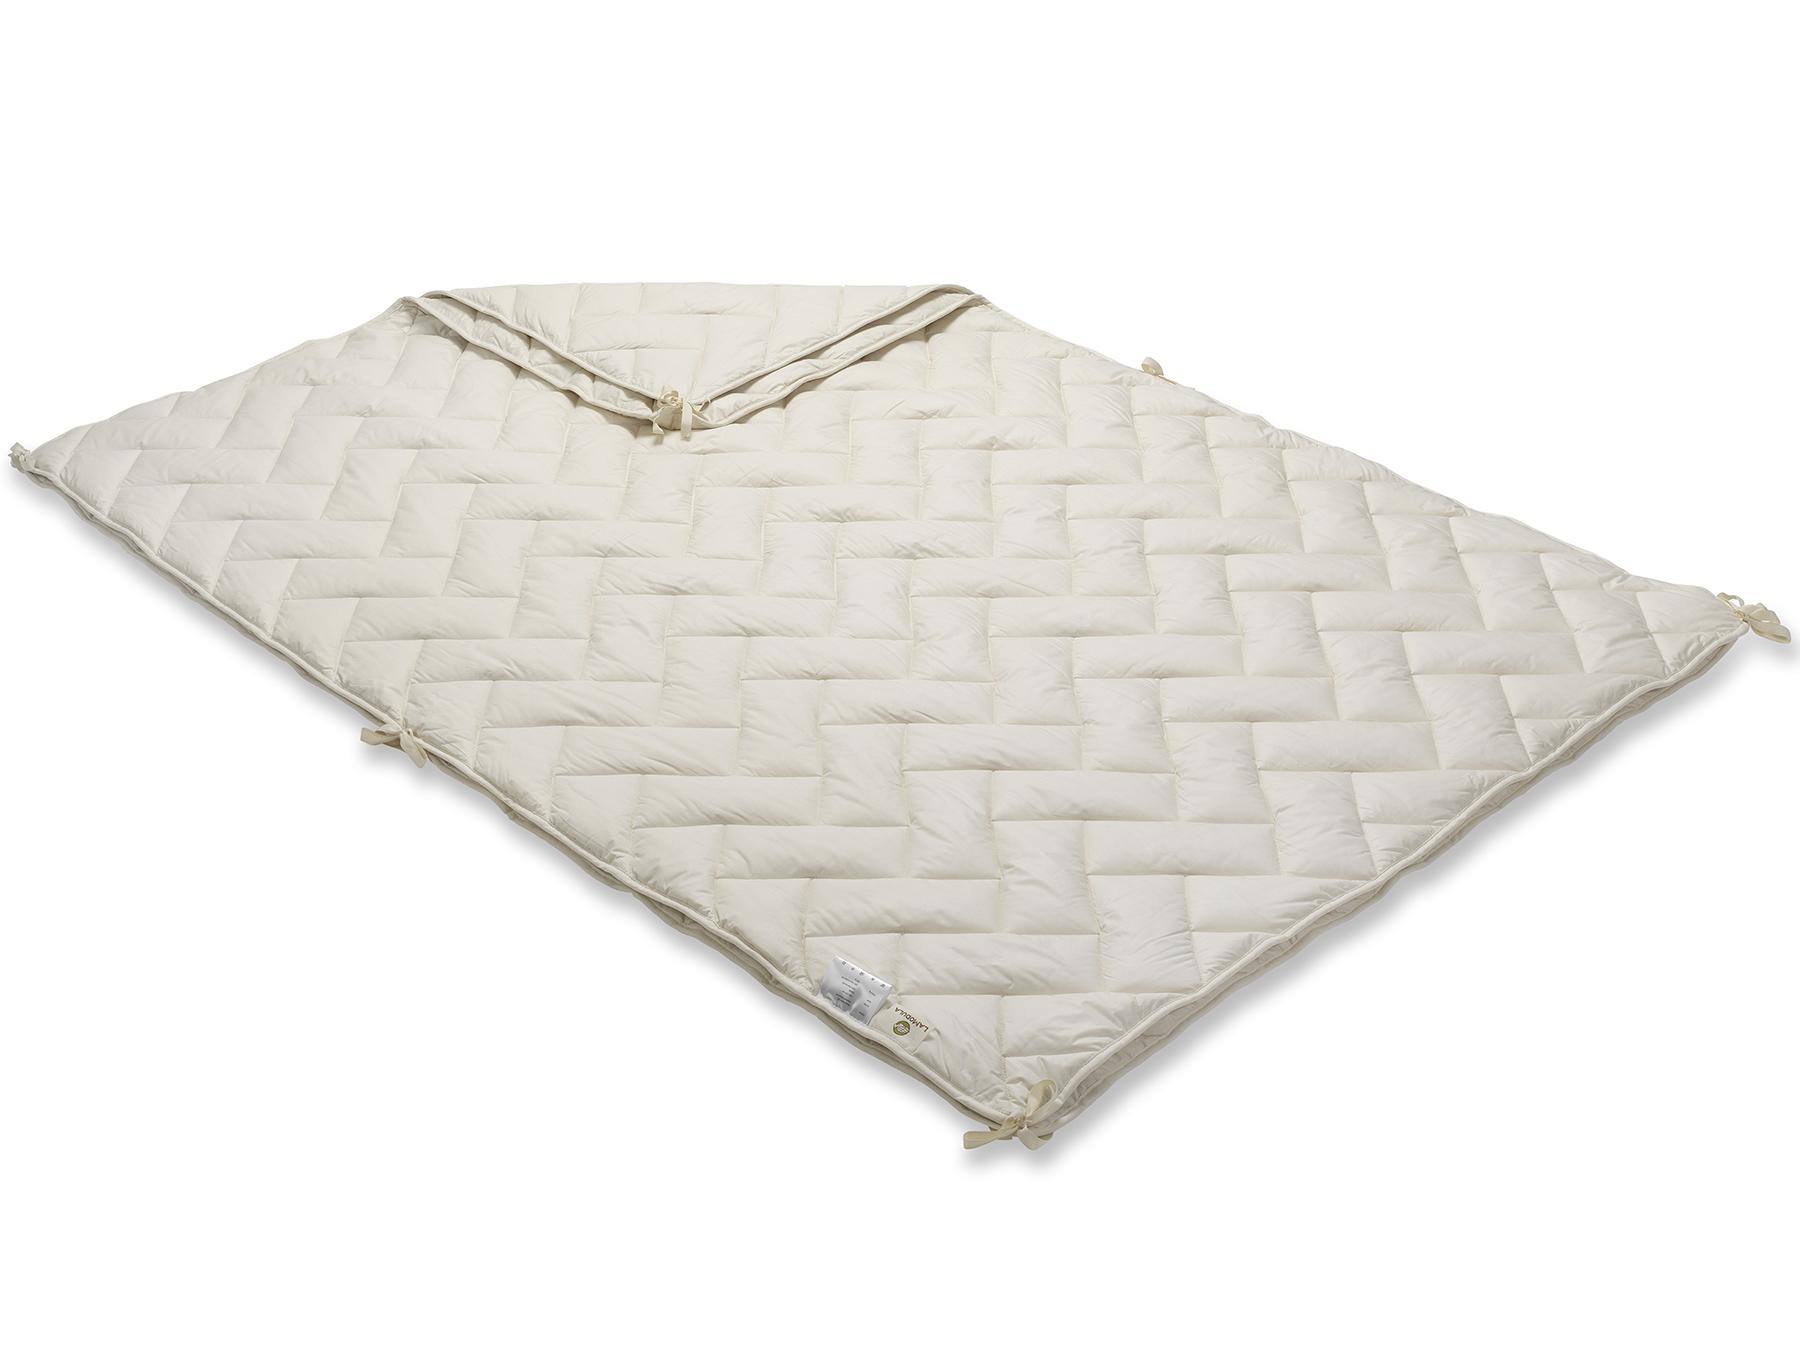 Mit praktischen Bändern werden die beiden Decken einfach miteinander verbunden.